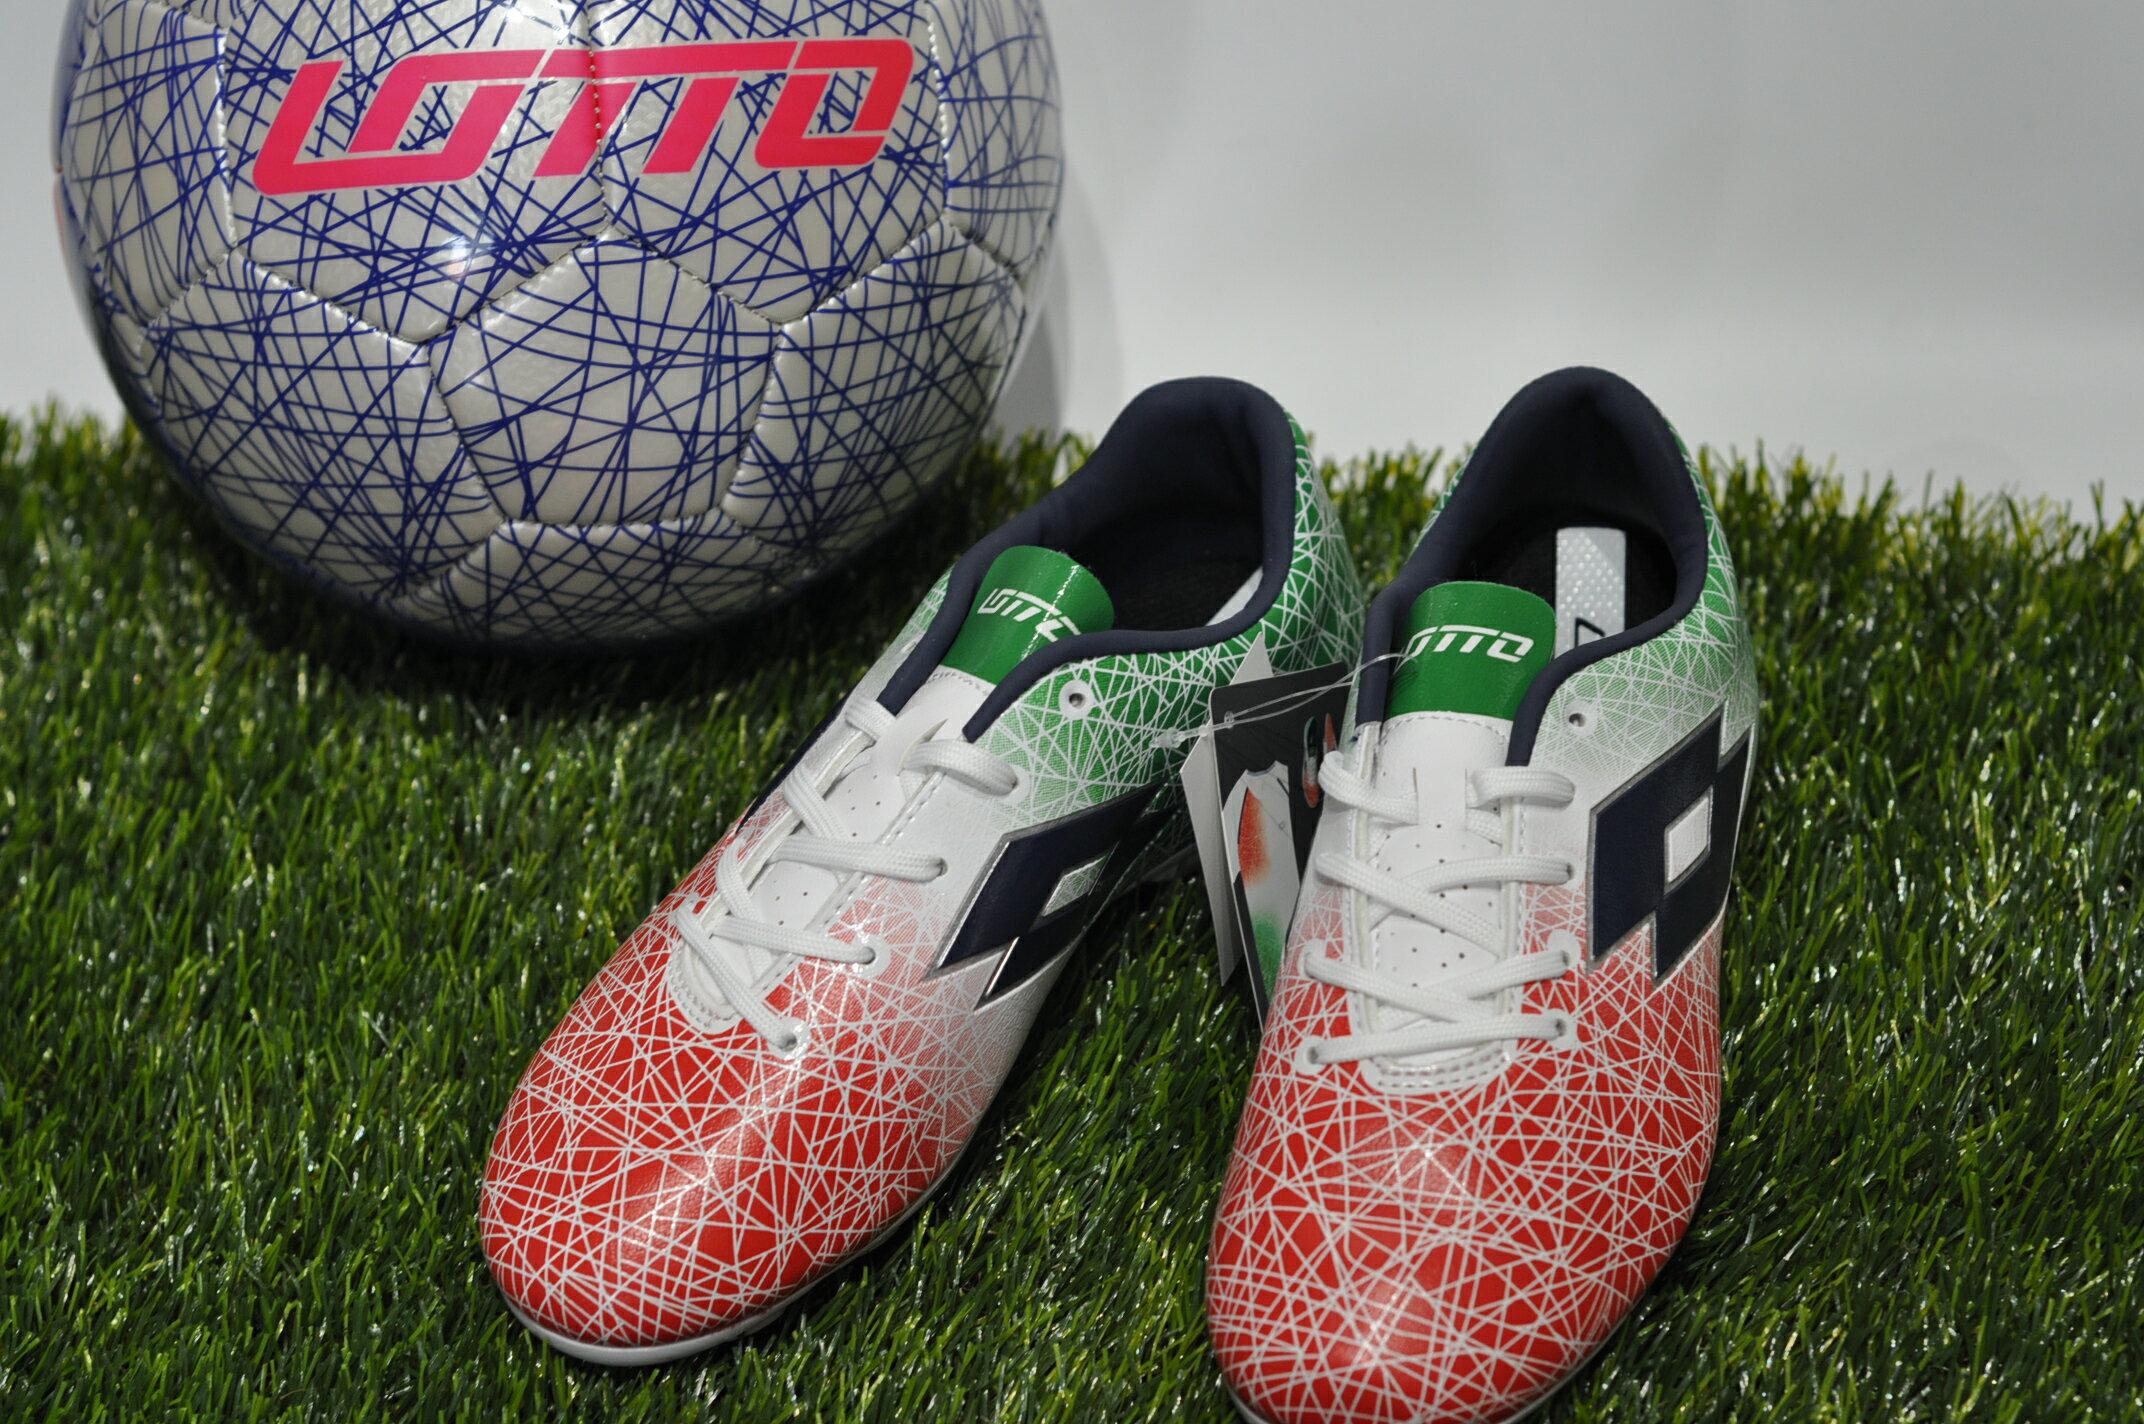 【登瑞體育】LOTTO 頂級兒童足球鞋 LTS7163-鞋6折